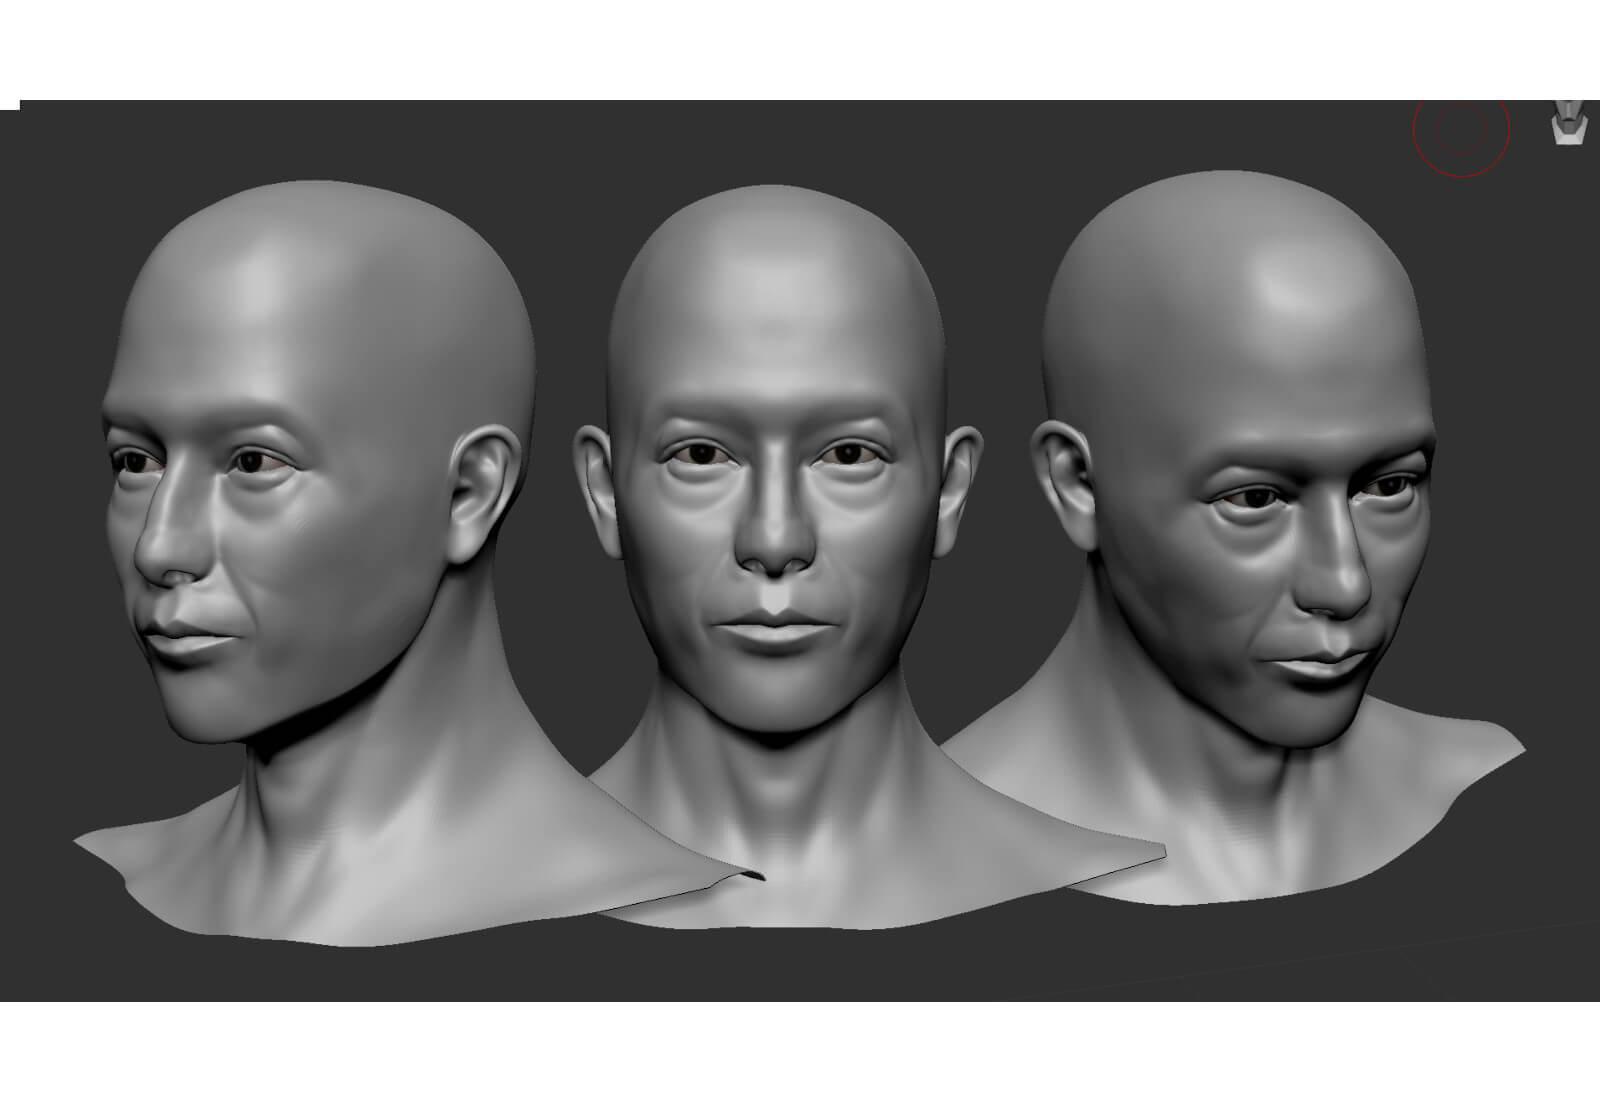 3D model of a man's head